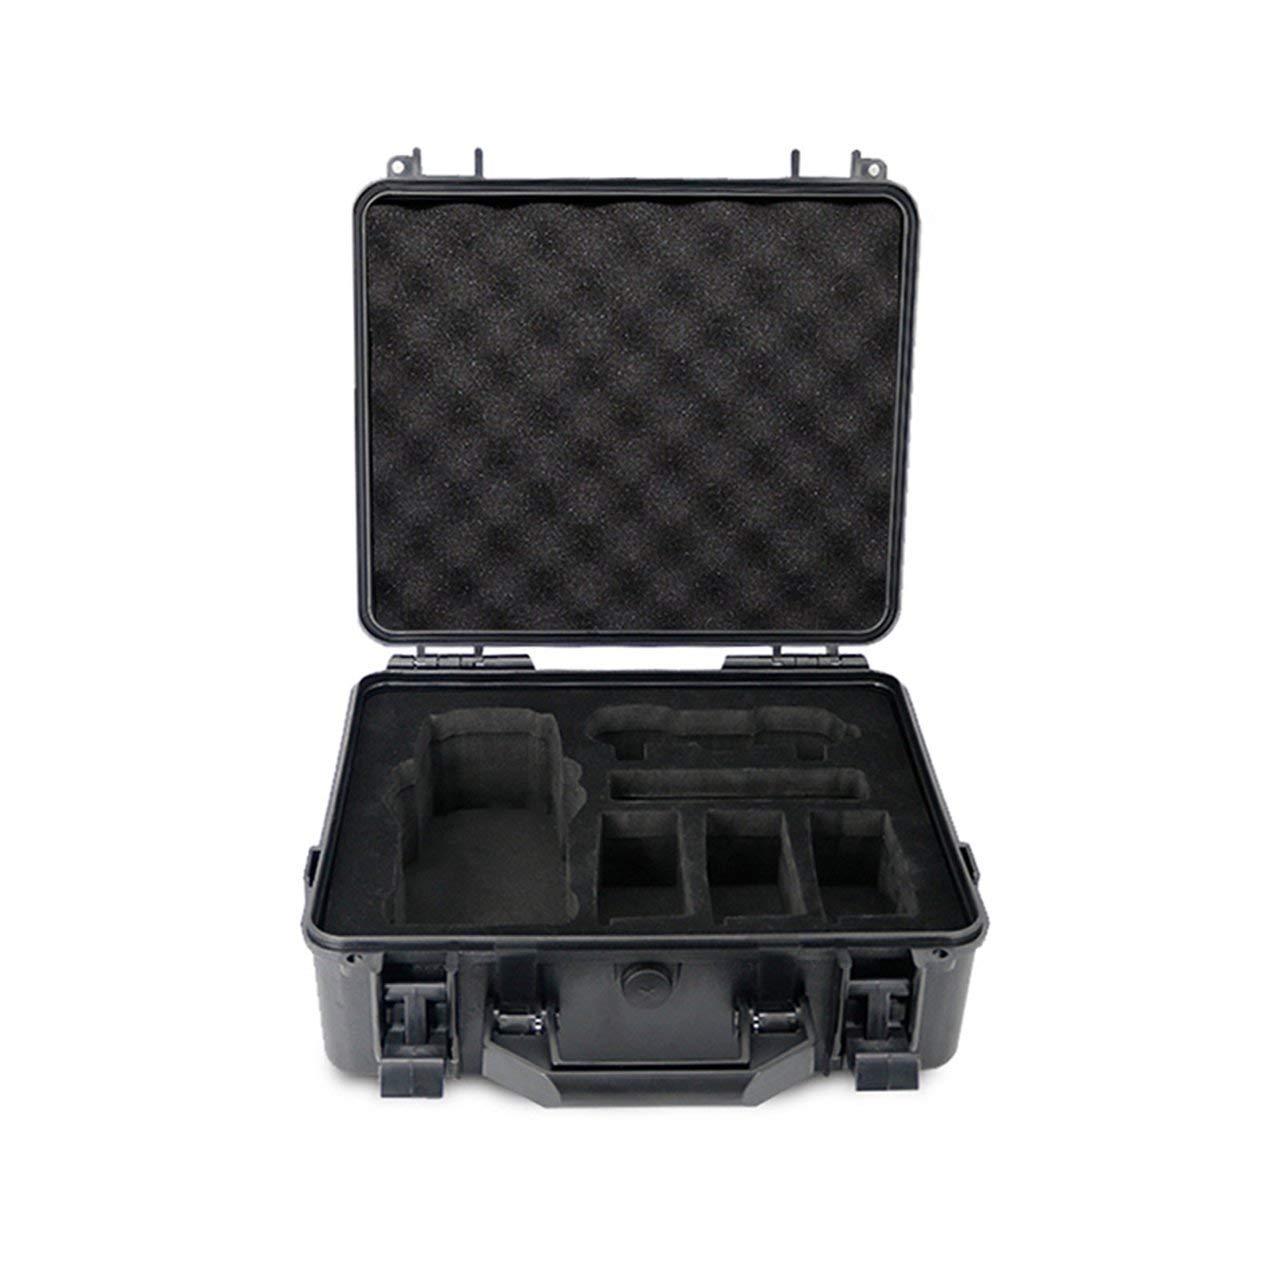 Jasnyfall Jasnyfall Jasnyfall Explosionsgeschützte Mavic 2 Pro Mavic 2 Zoom Box Bag High Capacity-Speicher-Fall Schwarz 6d4a53